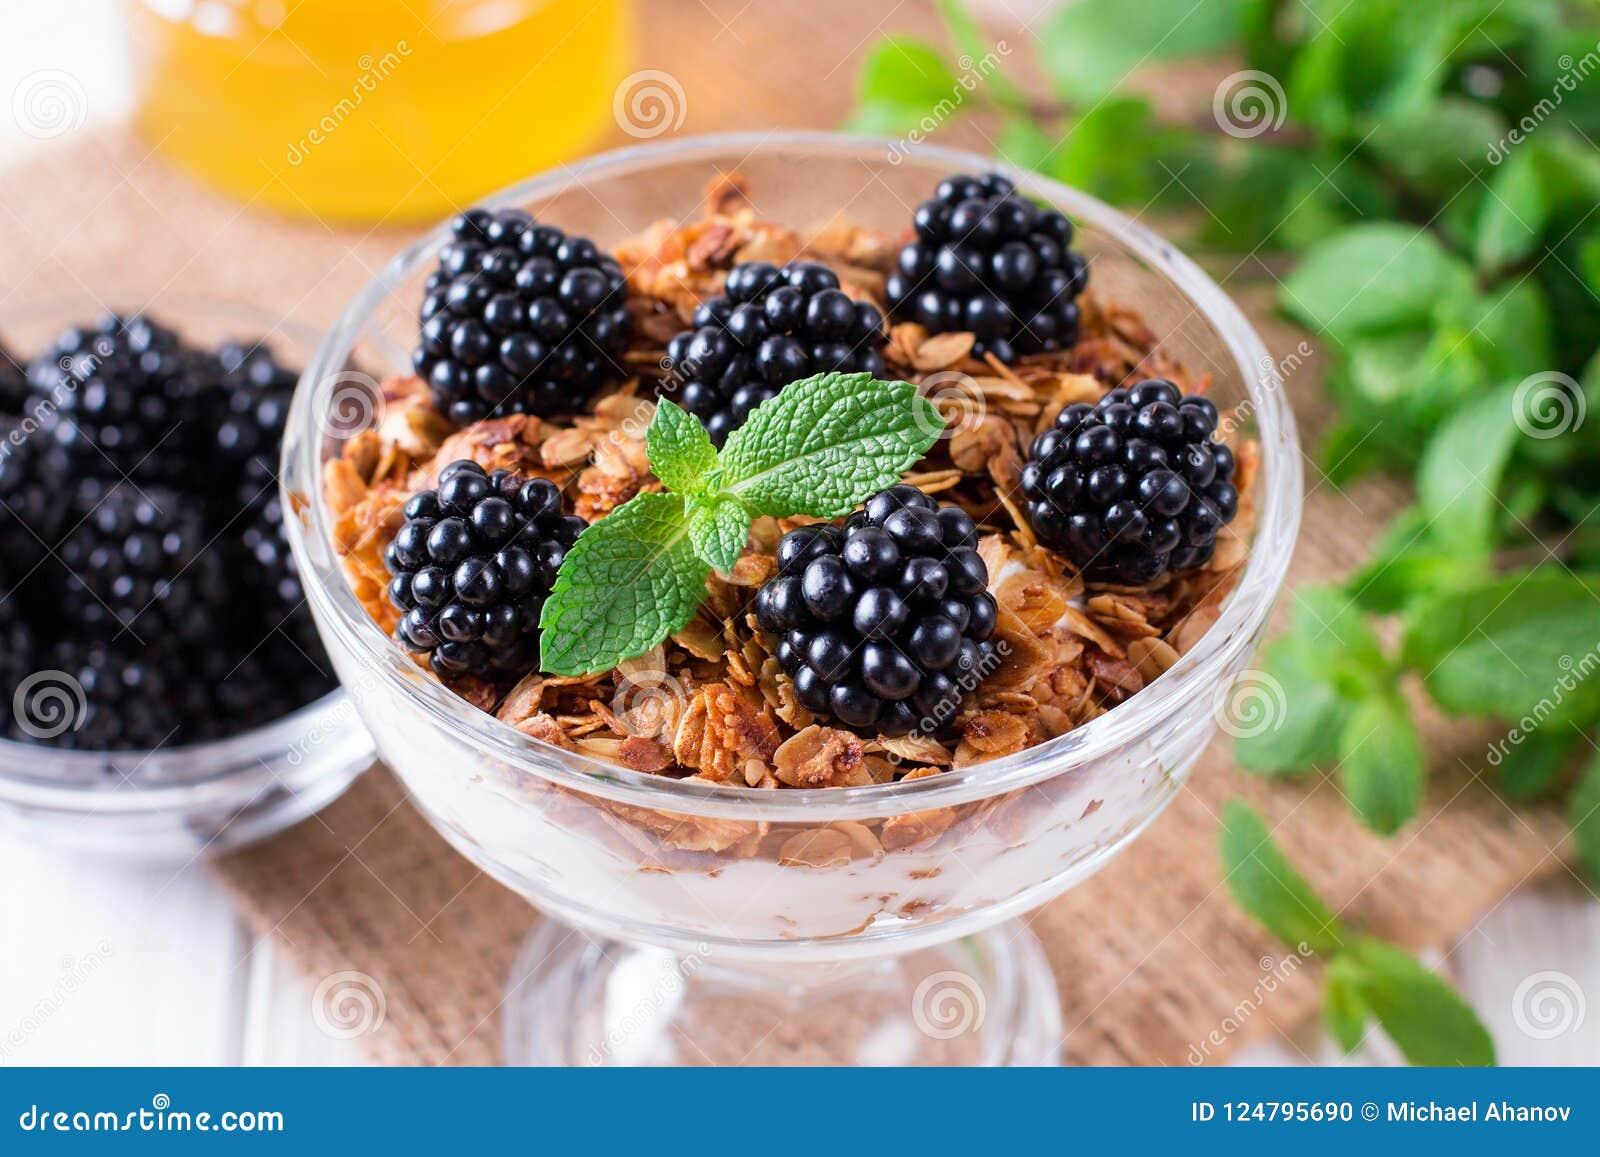 Gezond gelaagd dessert met yoghurt, granola, braambes in glas op houten achtergrond